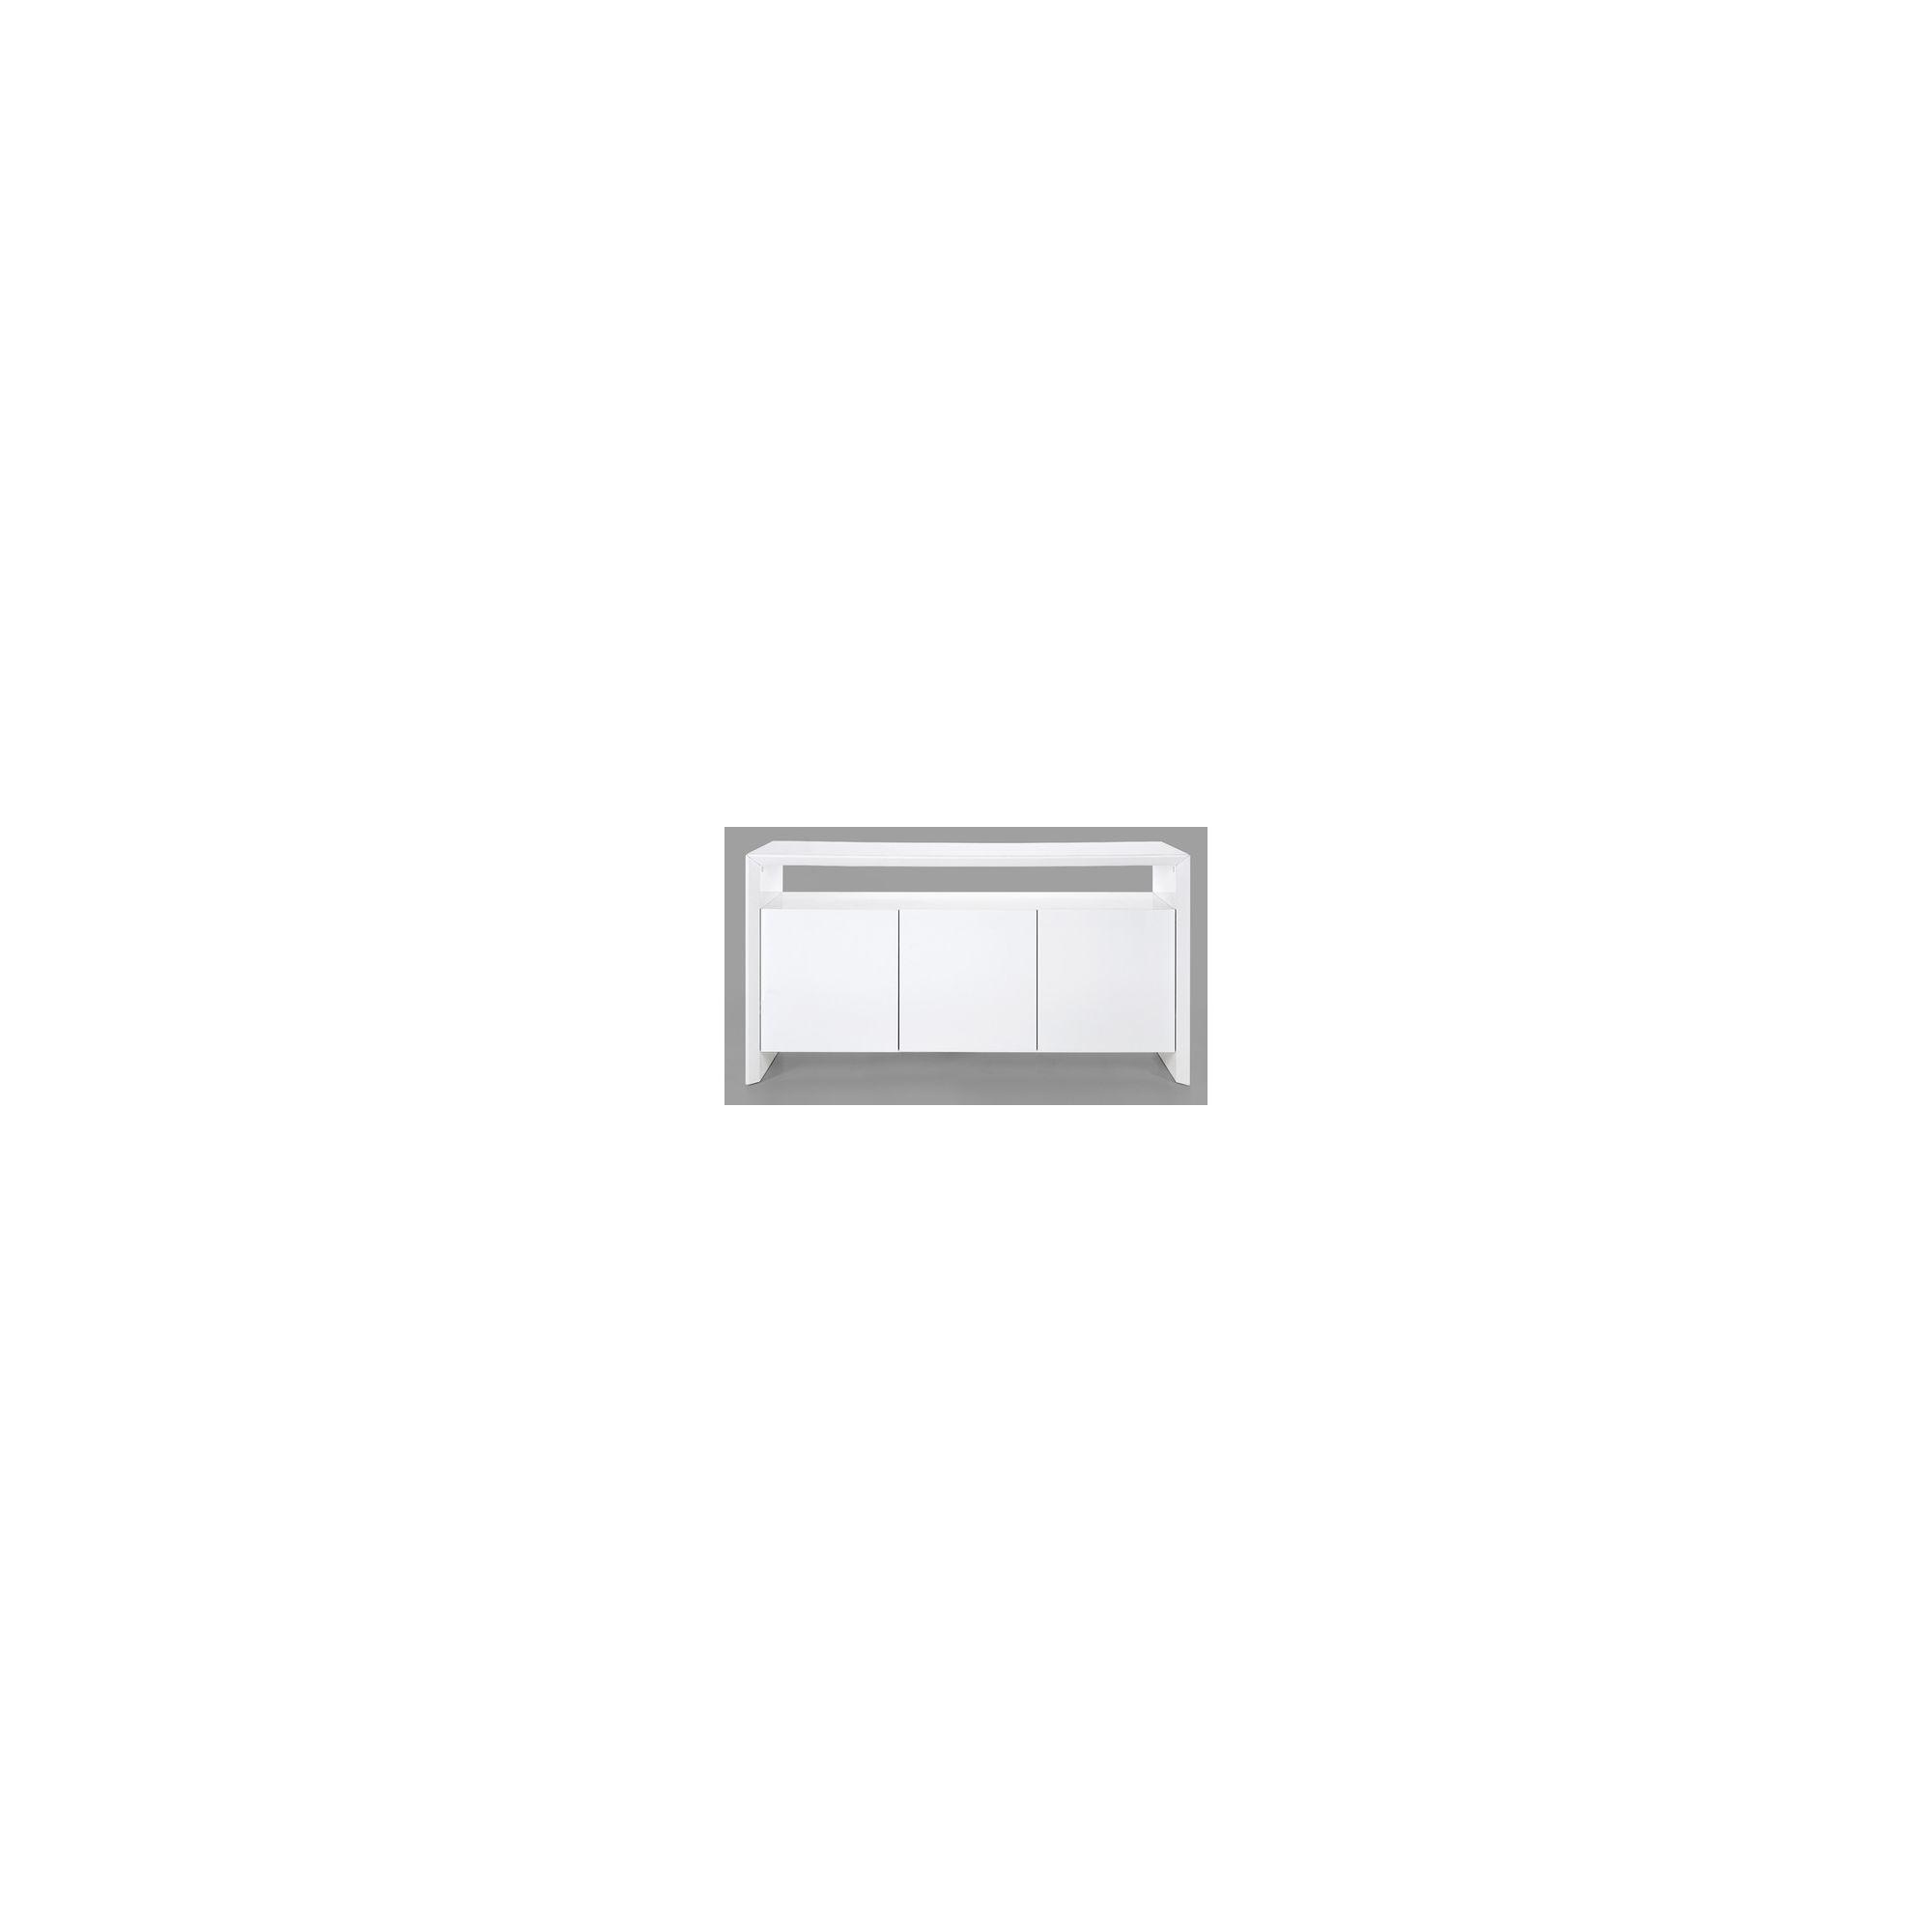 Aspect Design Procopio Sideboard in White at Tesco Direct